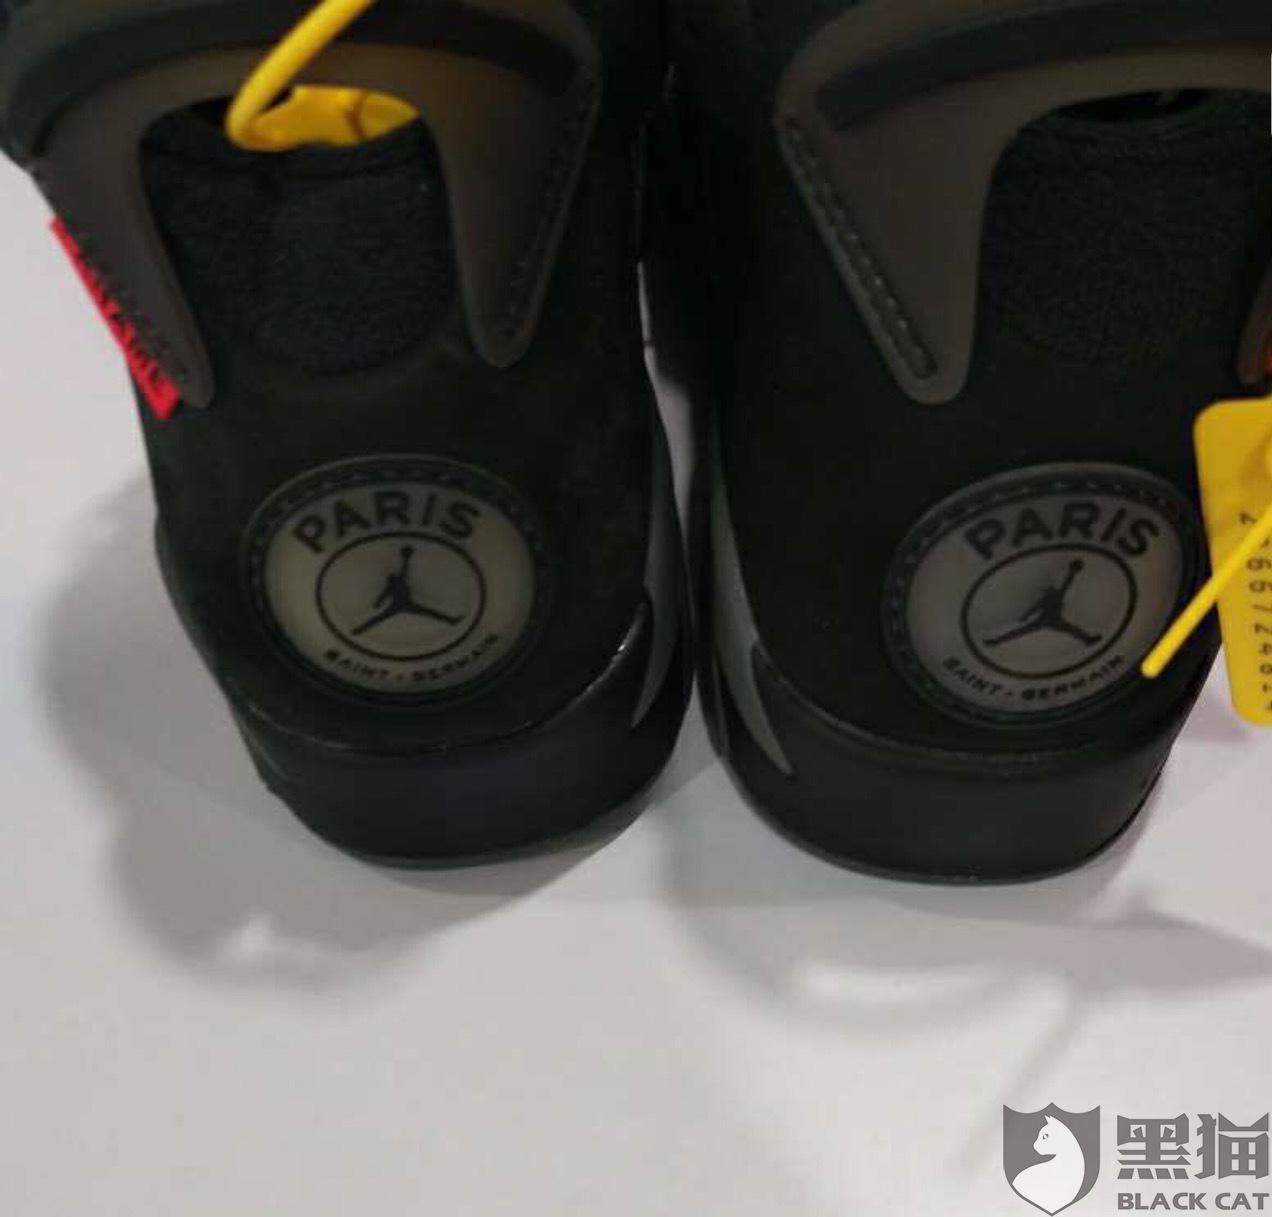 黑猫投诉:买的鞋子左后跟氧化严重平台没有解决方案